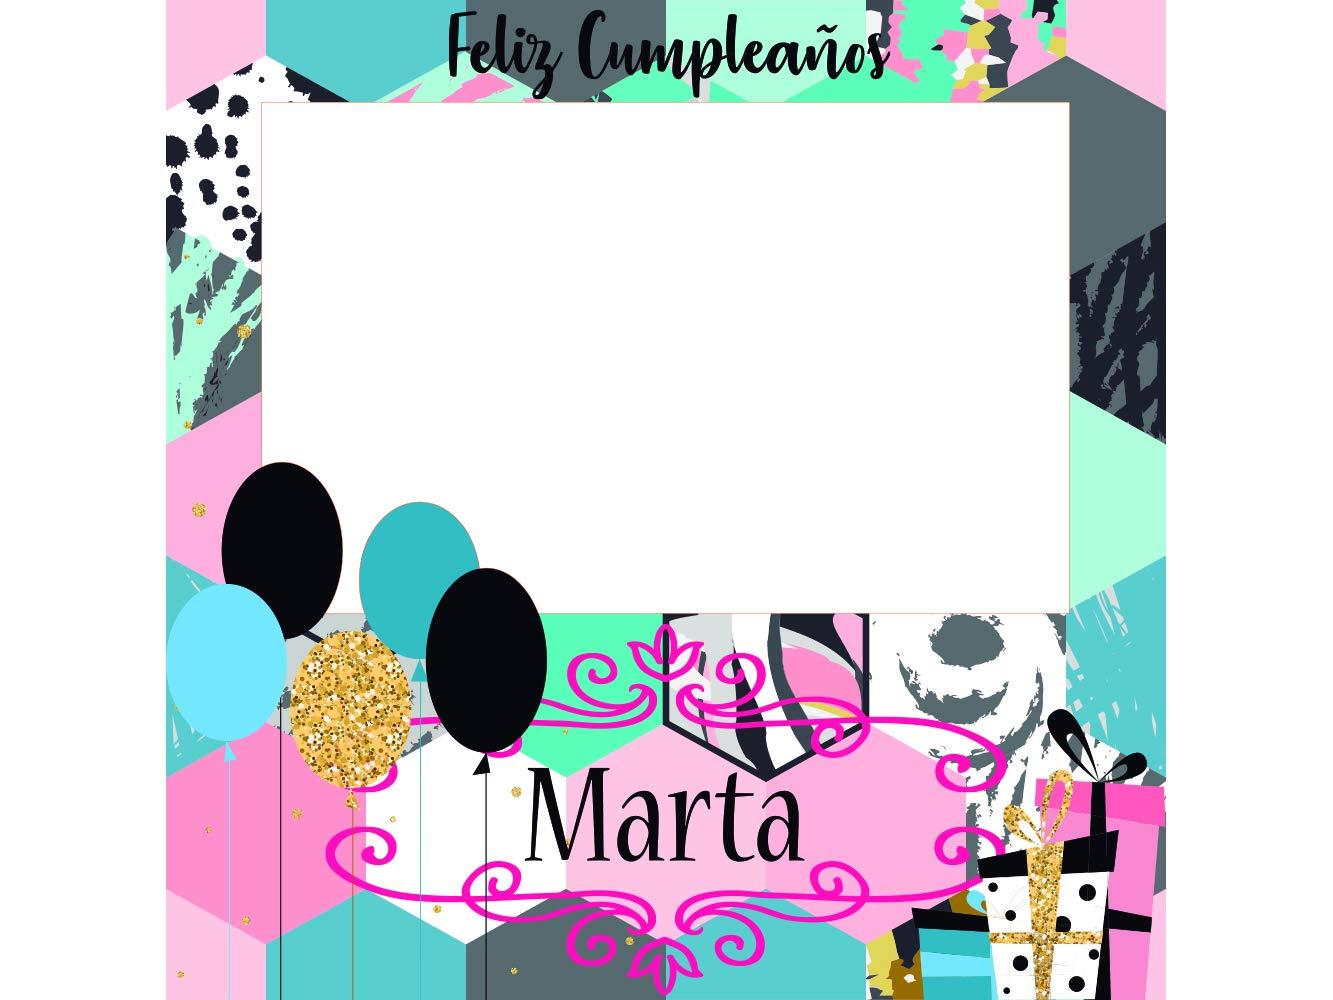 Photocall Feliz Cumpleaños 100 x100 cm   Regalos para Cumpleaños   Photocall Económico y Original   Ideas para Regalos   Regalos Personalizados de ...